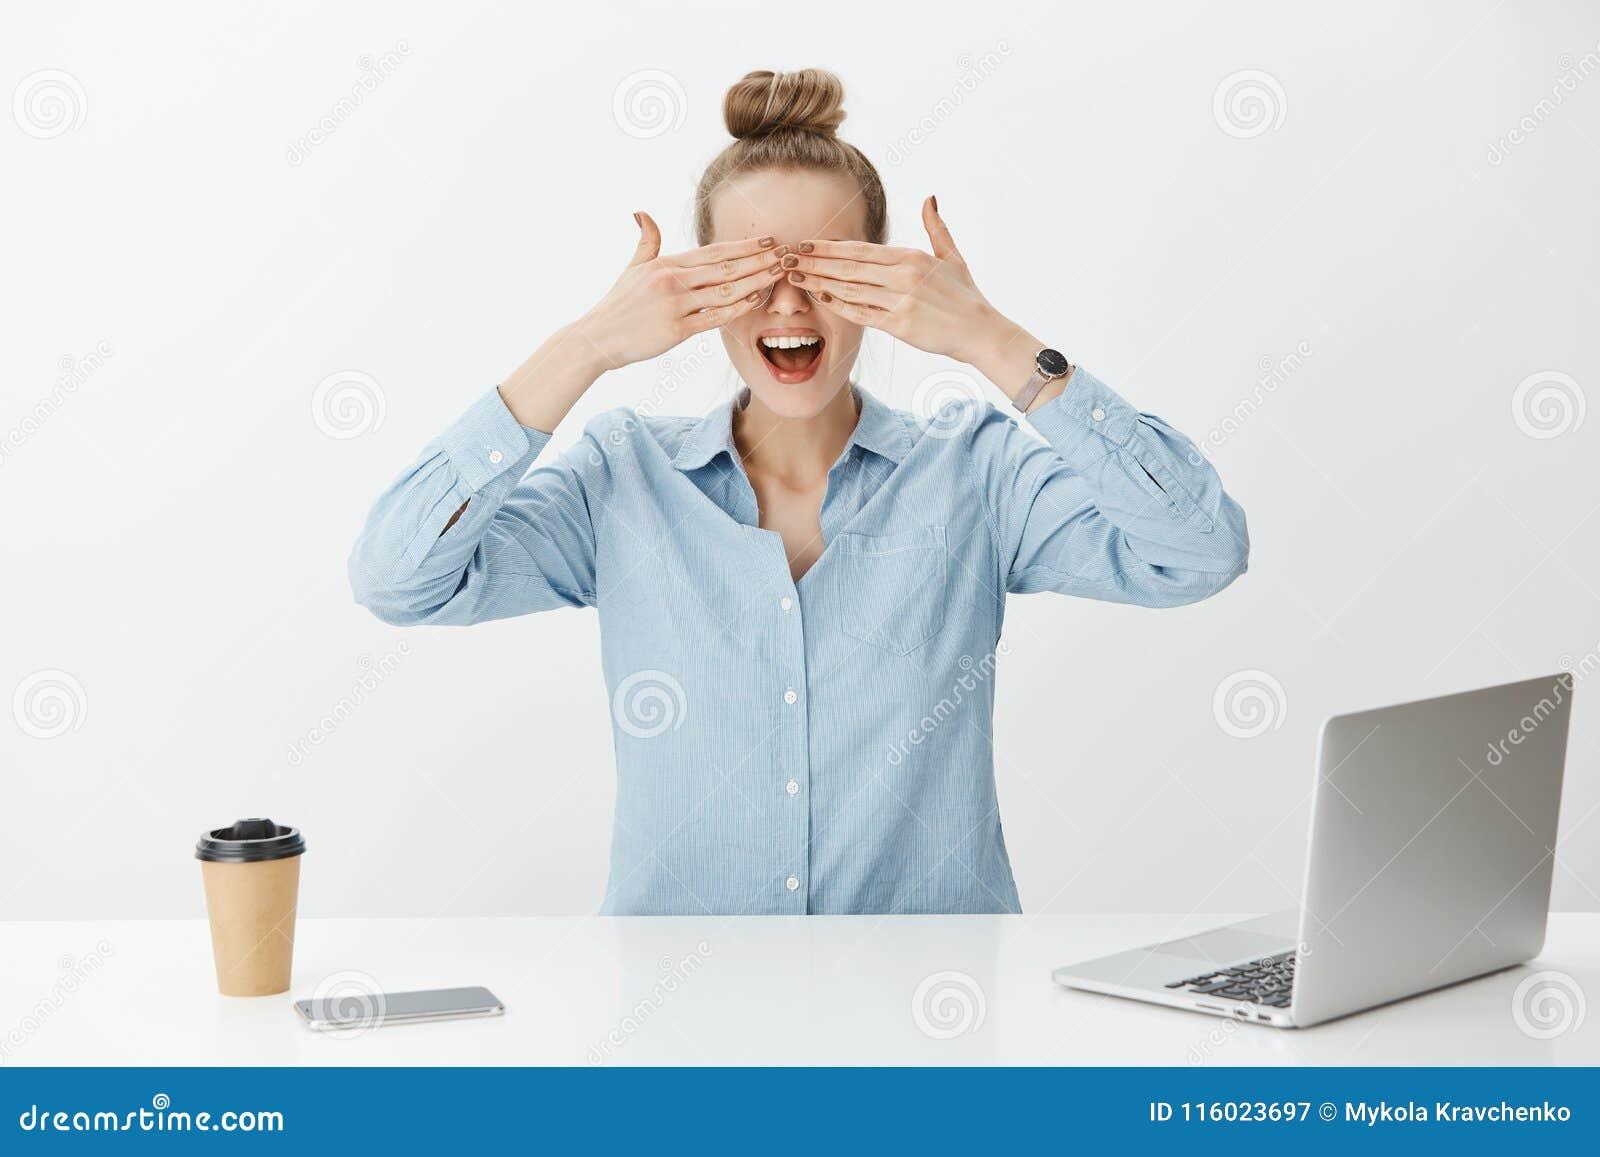 El retrato del empresario de sexo femenino apuesto sorprendente en oficina, cubriendo observa con las palmas y esperar impaciente